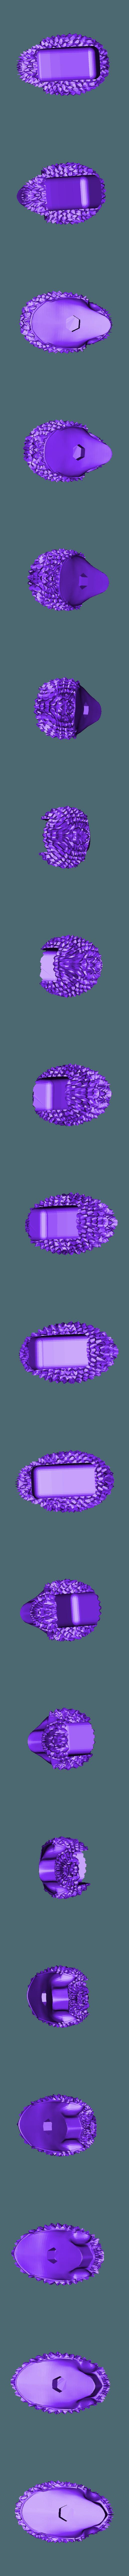 herisson_carapace_contenant01.STL Télécharger fichier STL gratuit Porte cure-dent Hérisson • Modèle à imprimer en 3D, Tibe-Design